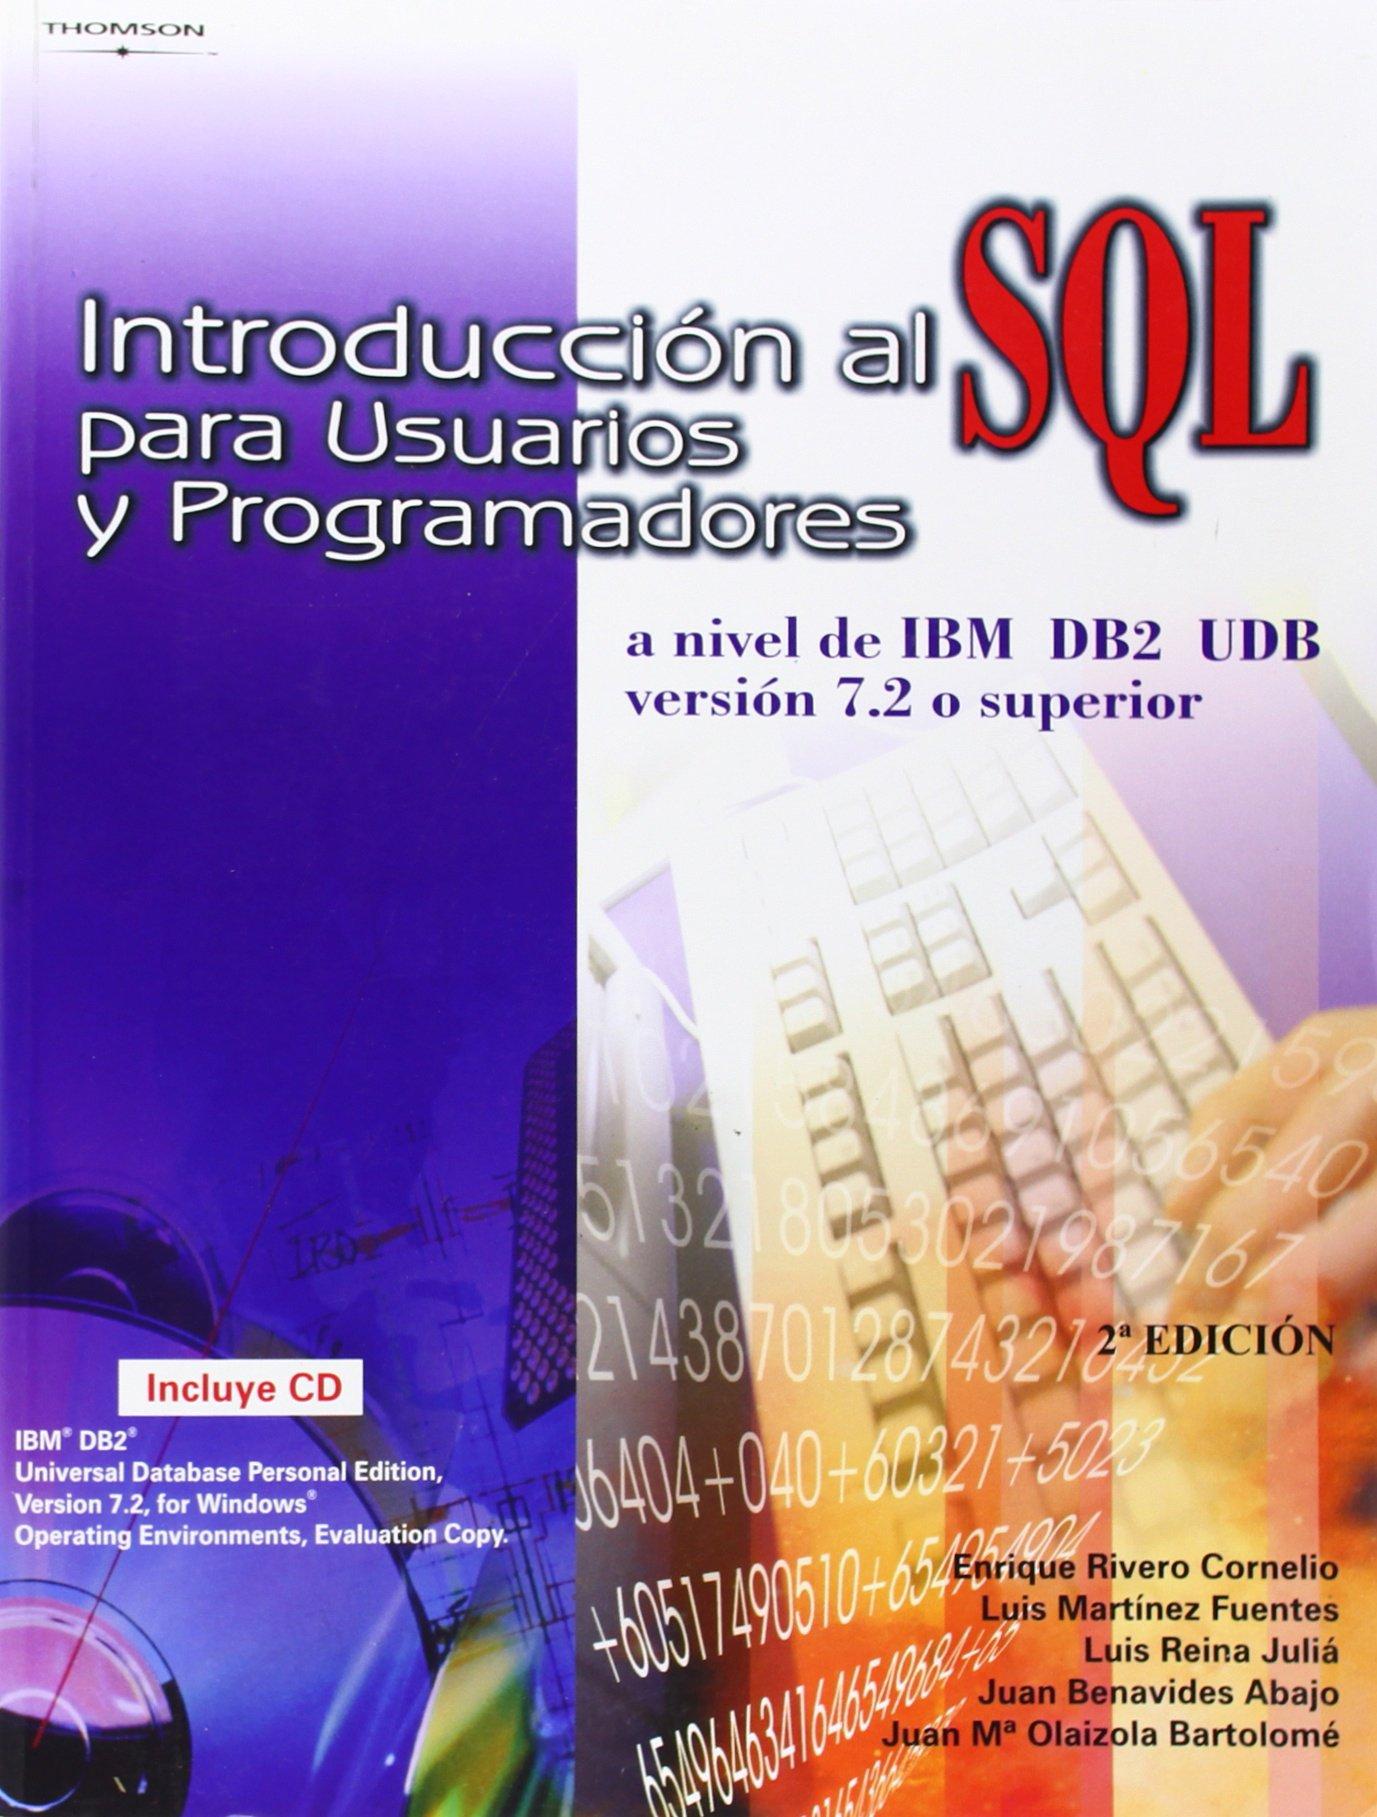 Introduccion Al SQL Para Usuarios y Programadores (Spanish Edition) (Spanish) Paperback – January, 2004